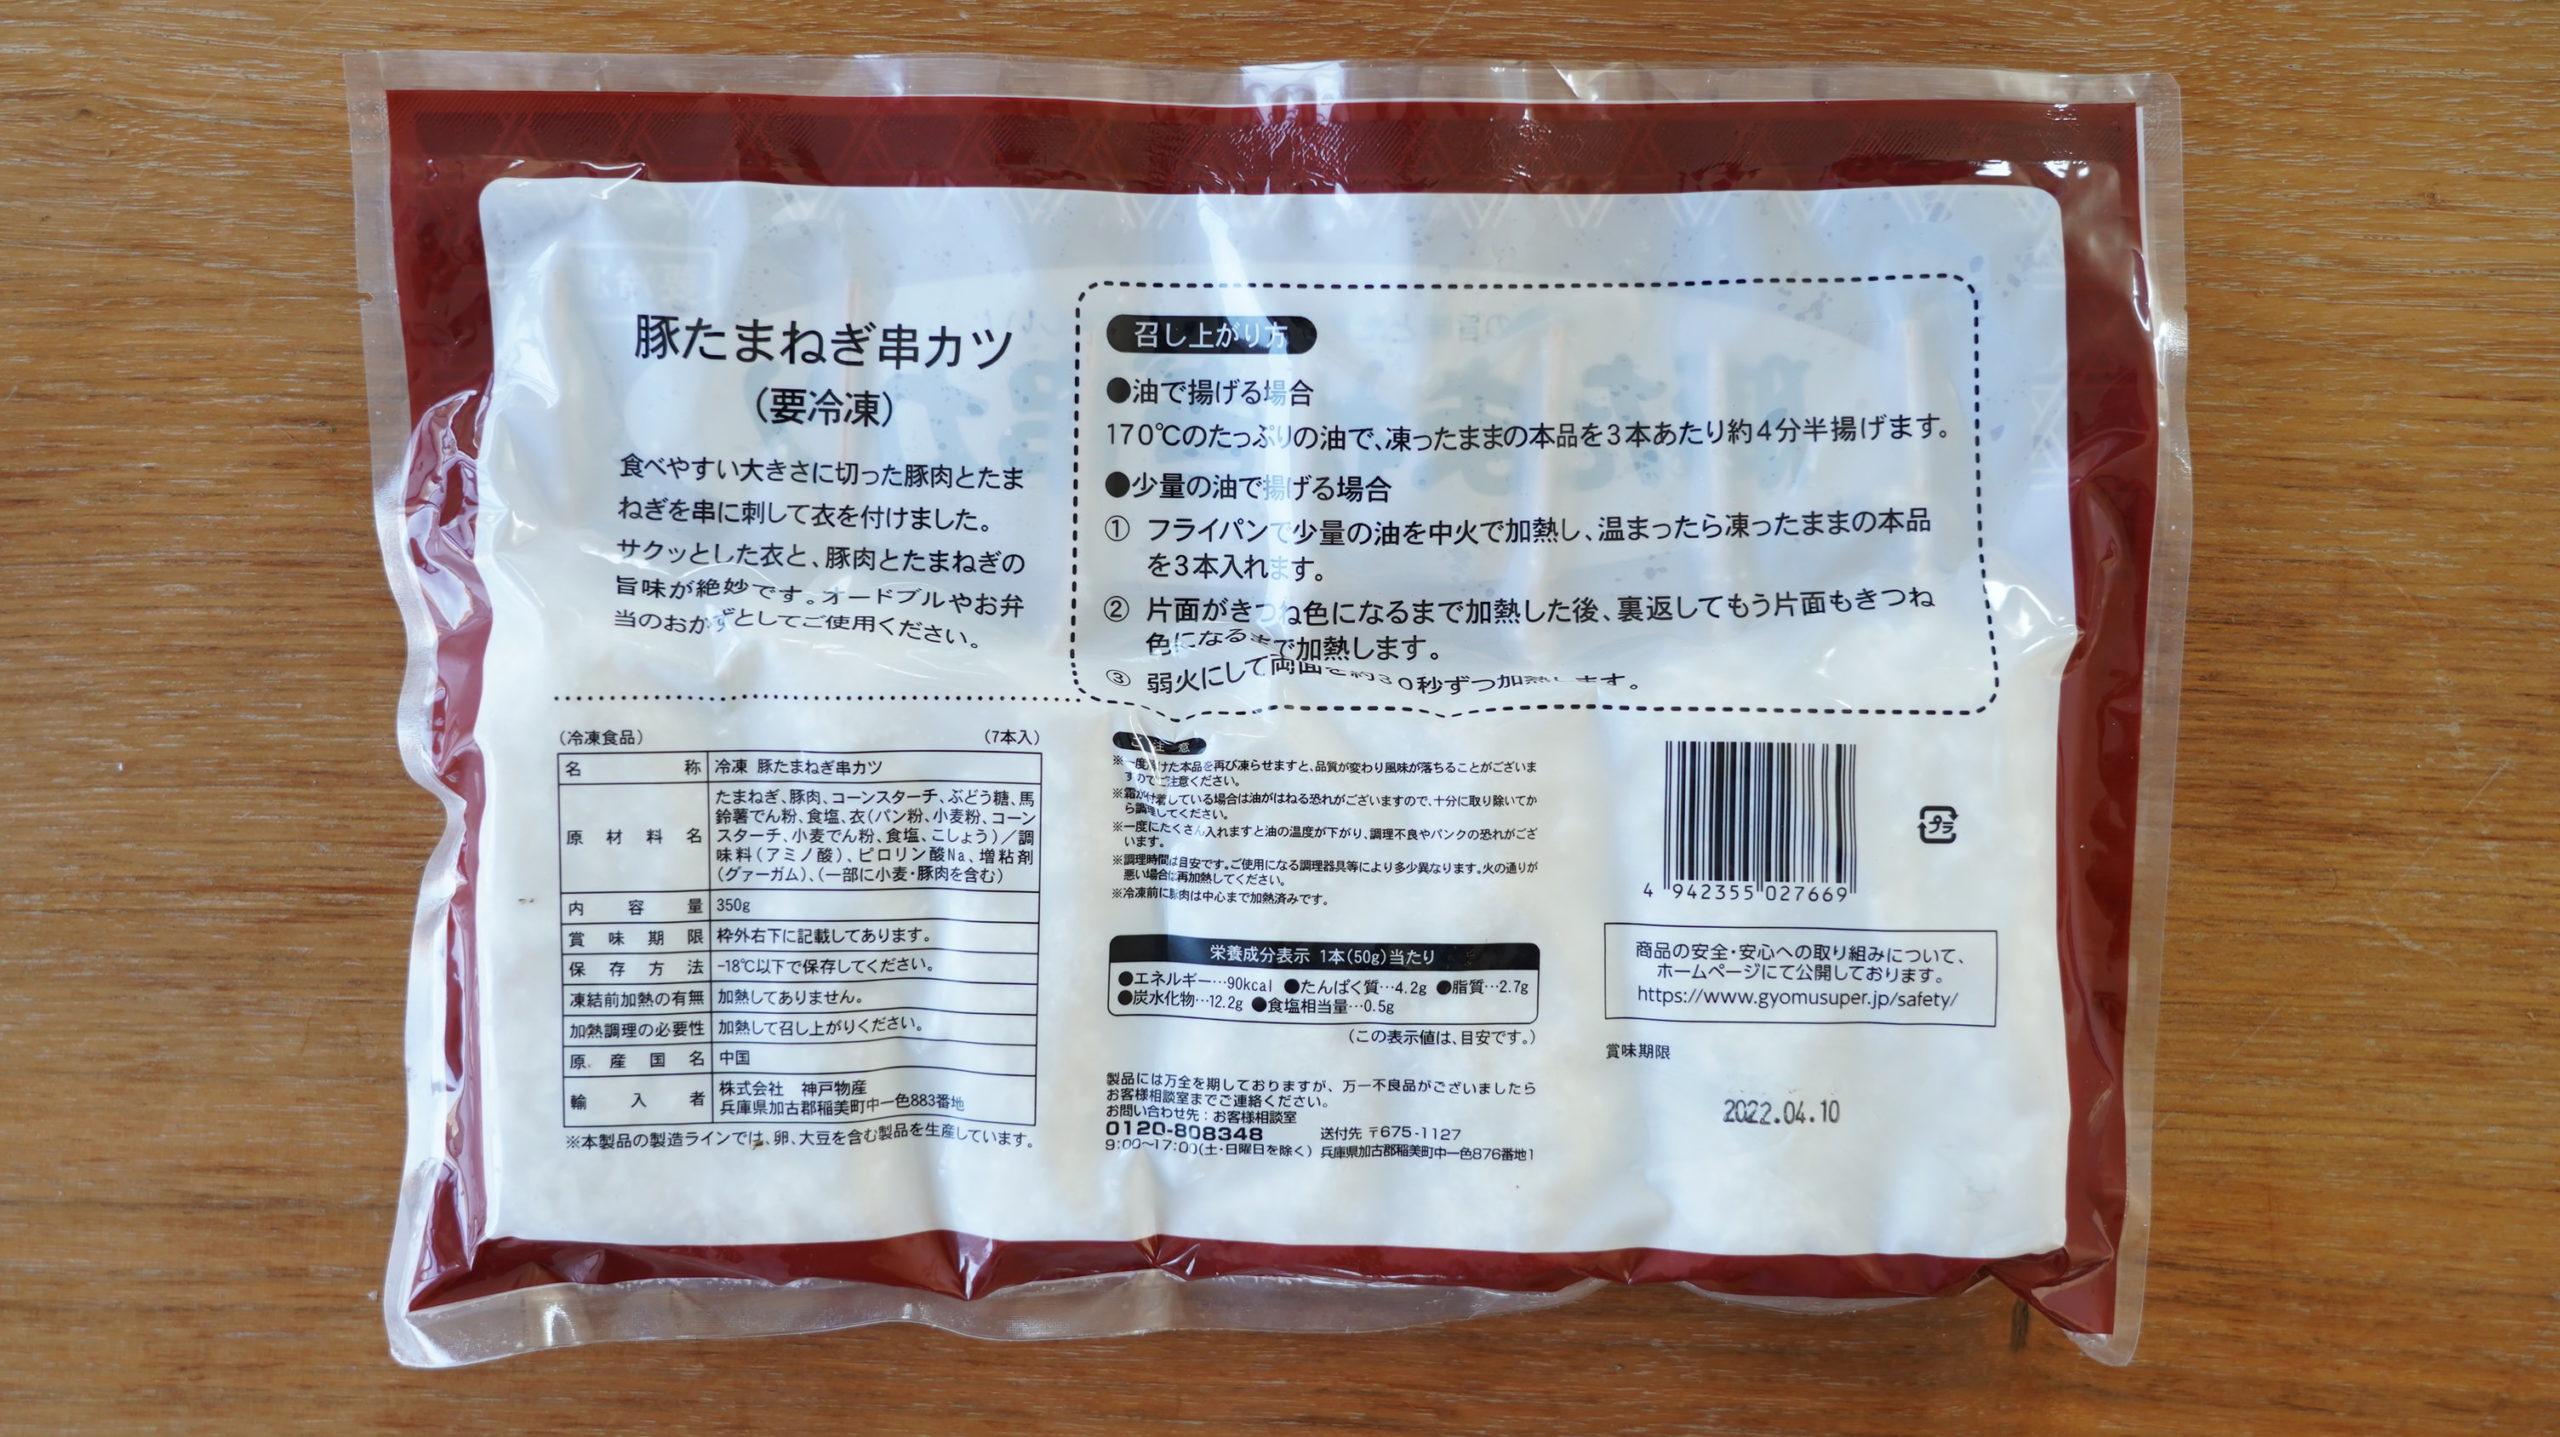 業務スーパーの冷凍食品「豚たまねぎ串カツ」のパッケージ裏面の写真